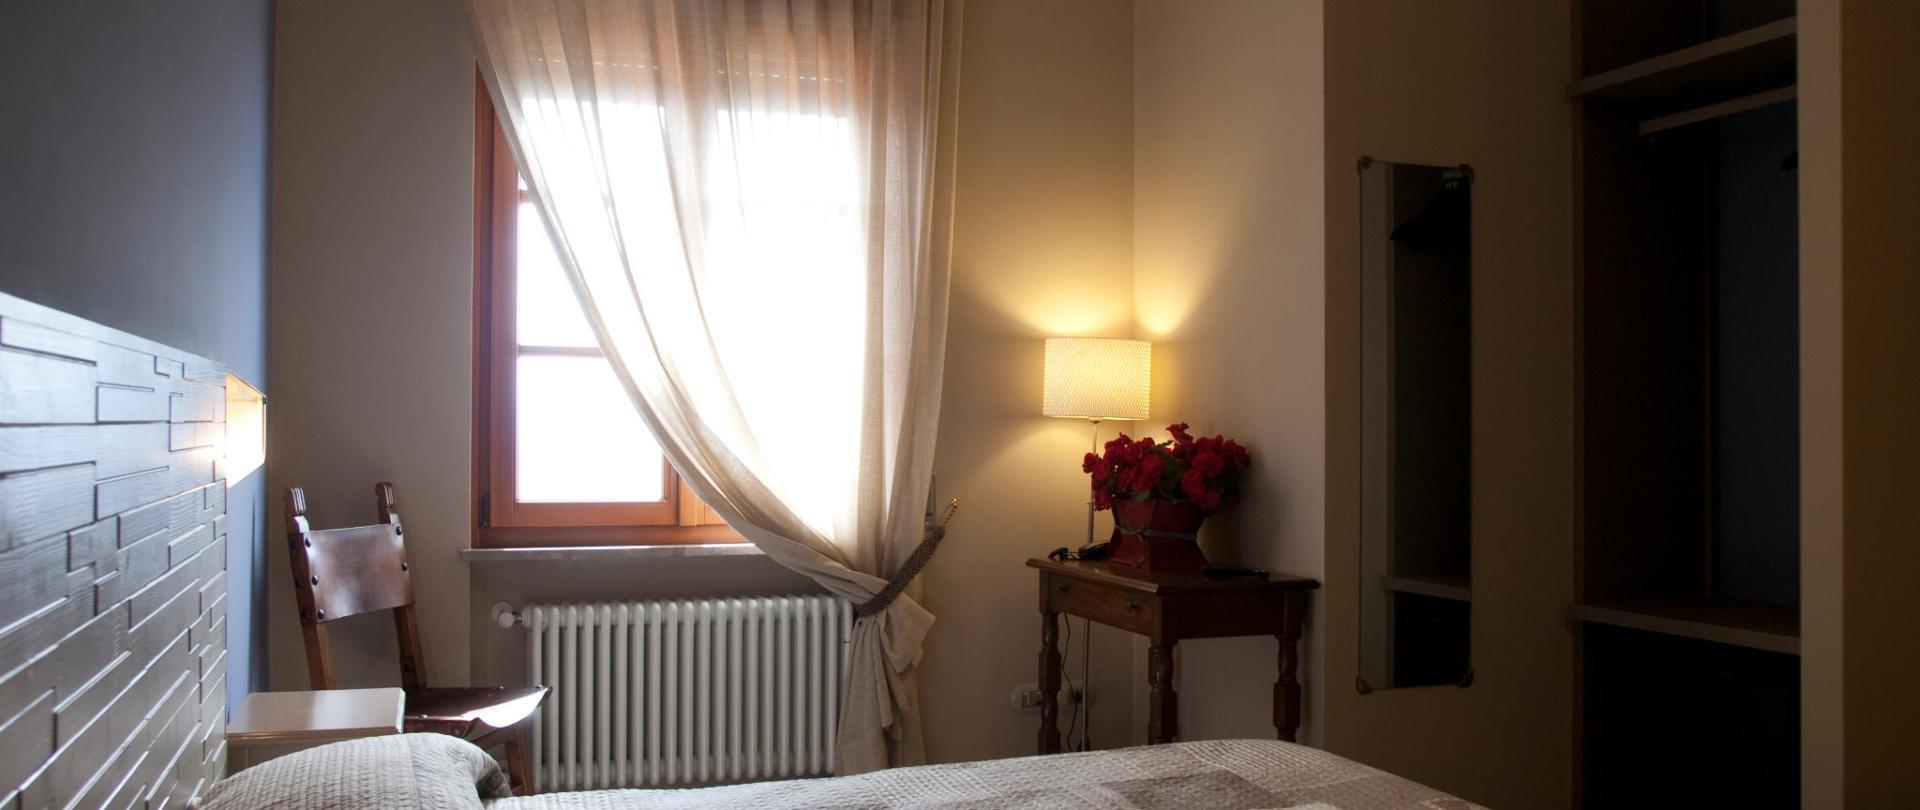 ホテルラグロッタ